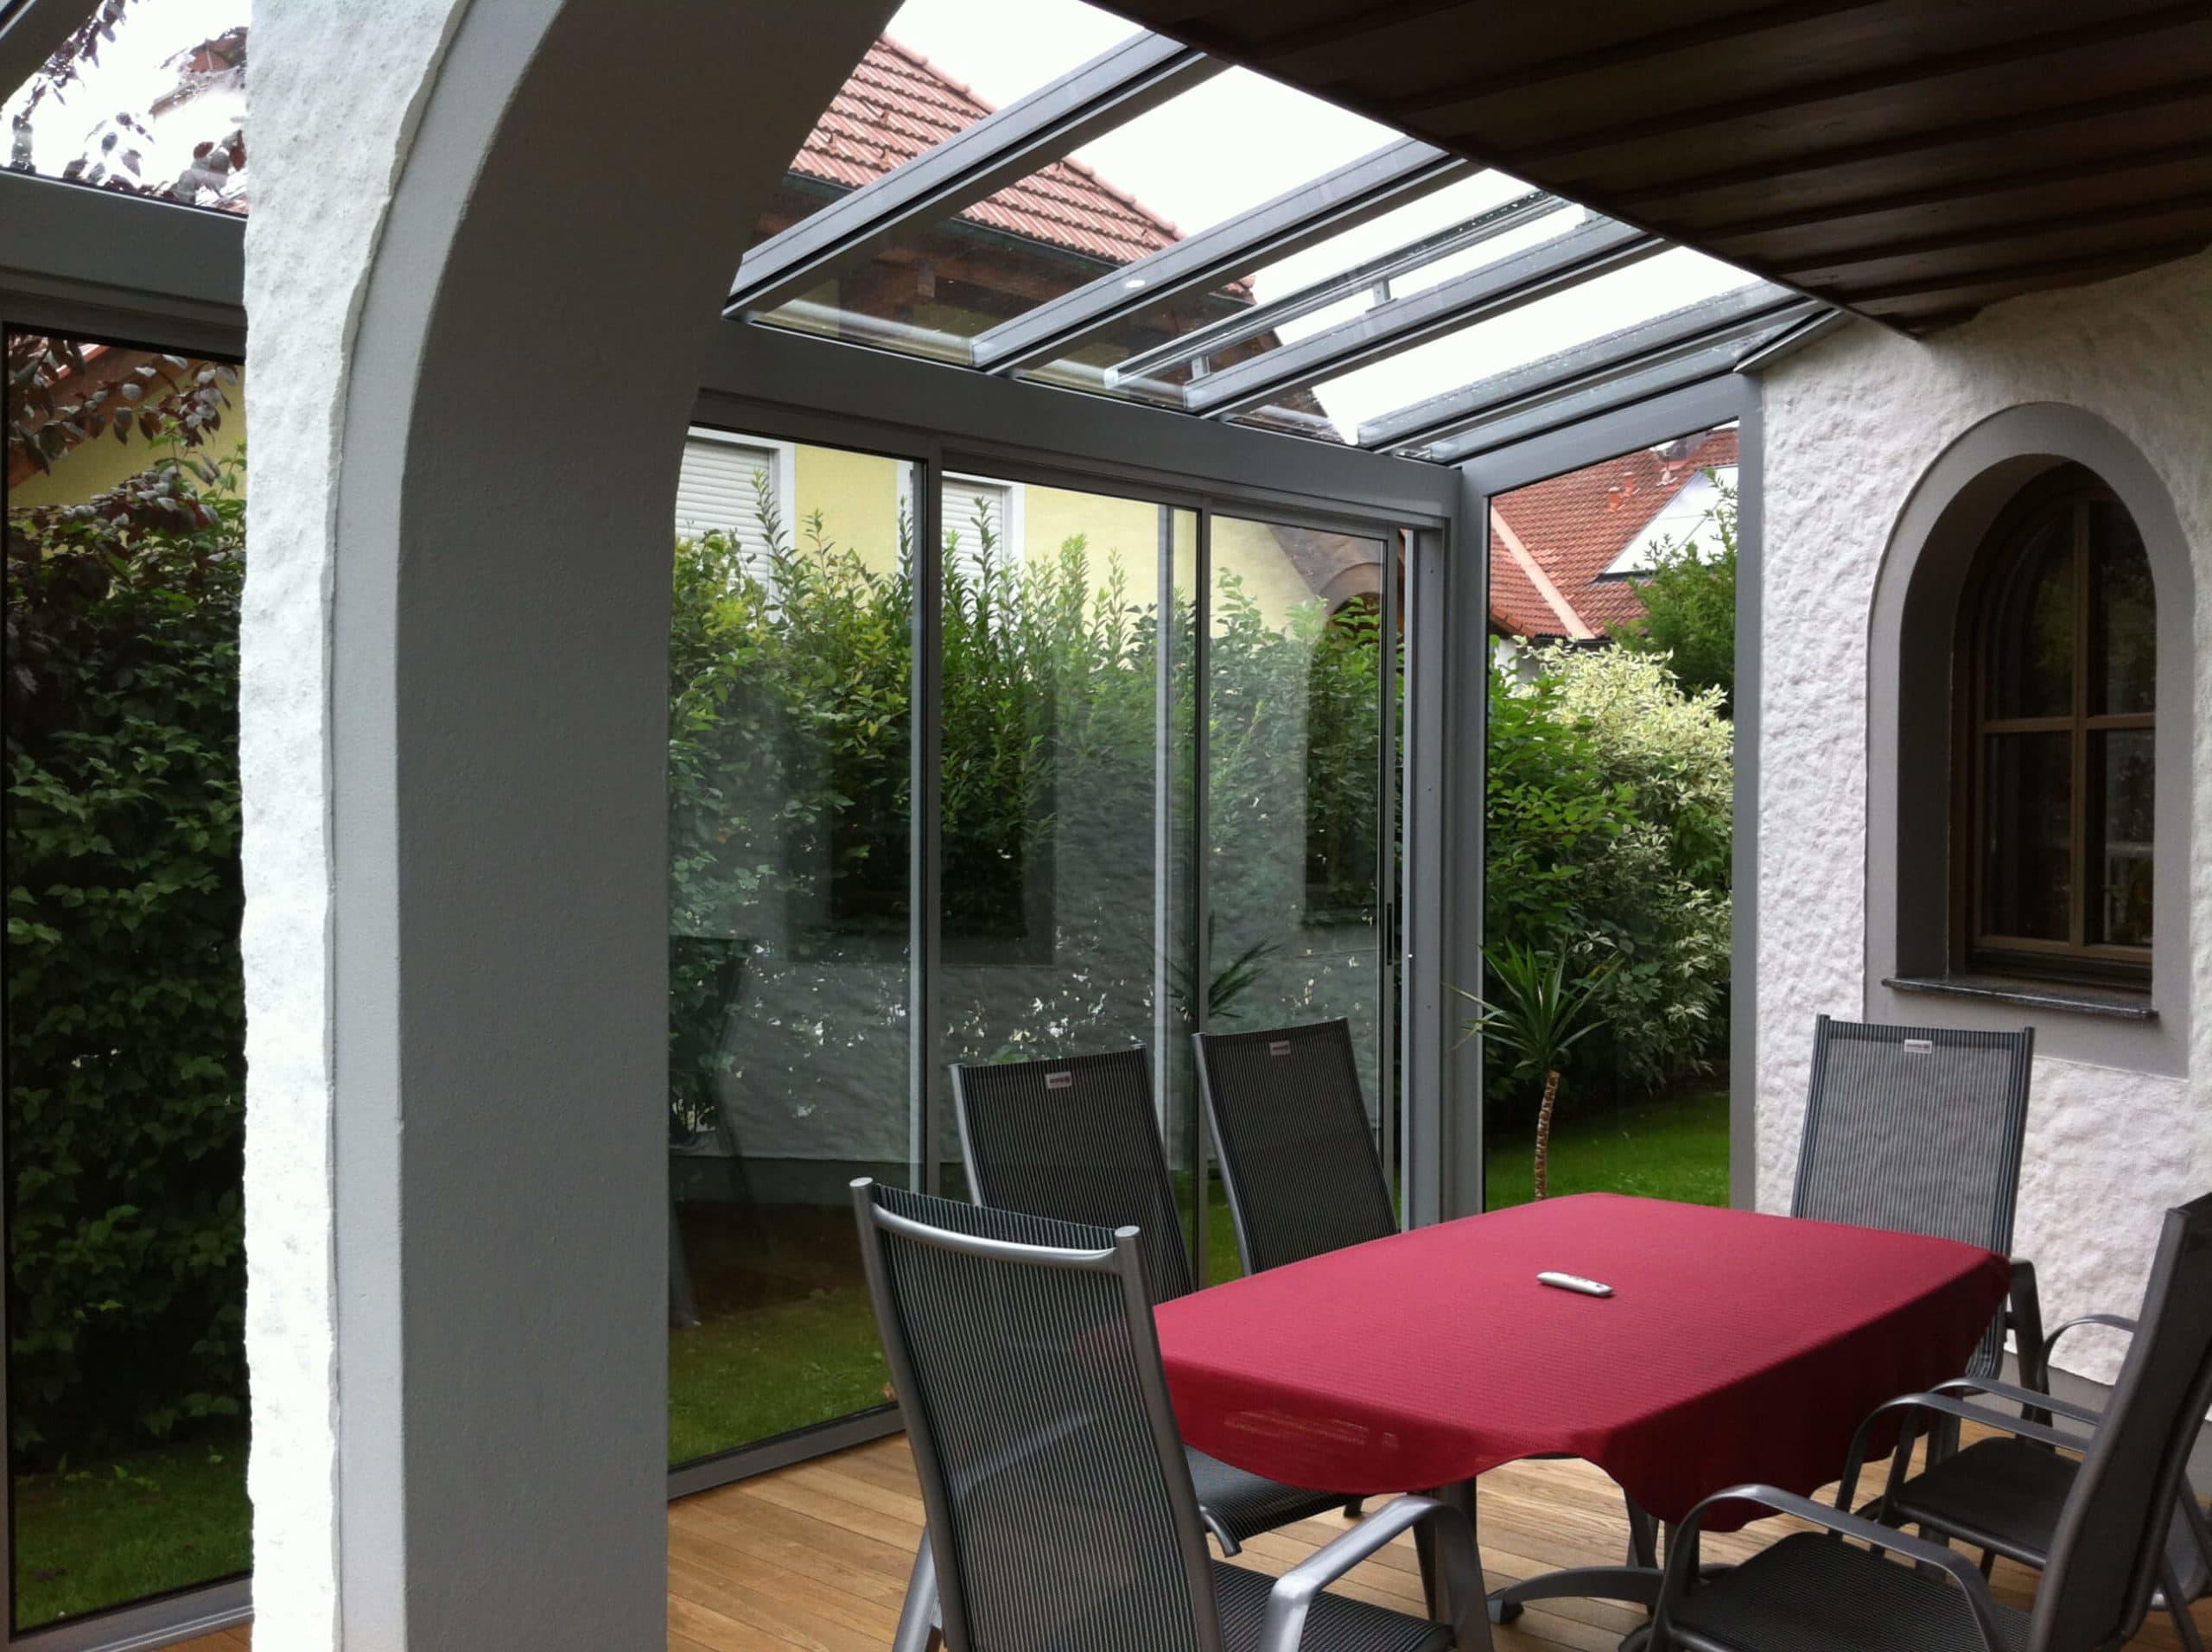 balkonverglasung sunflex sf 35 f r ein sch neres zuhause. Black Bedroom Furniture Sets. Home Design Ideas